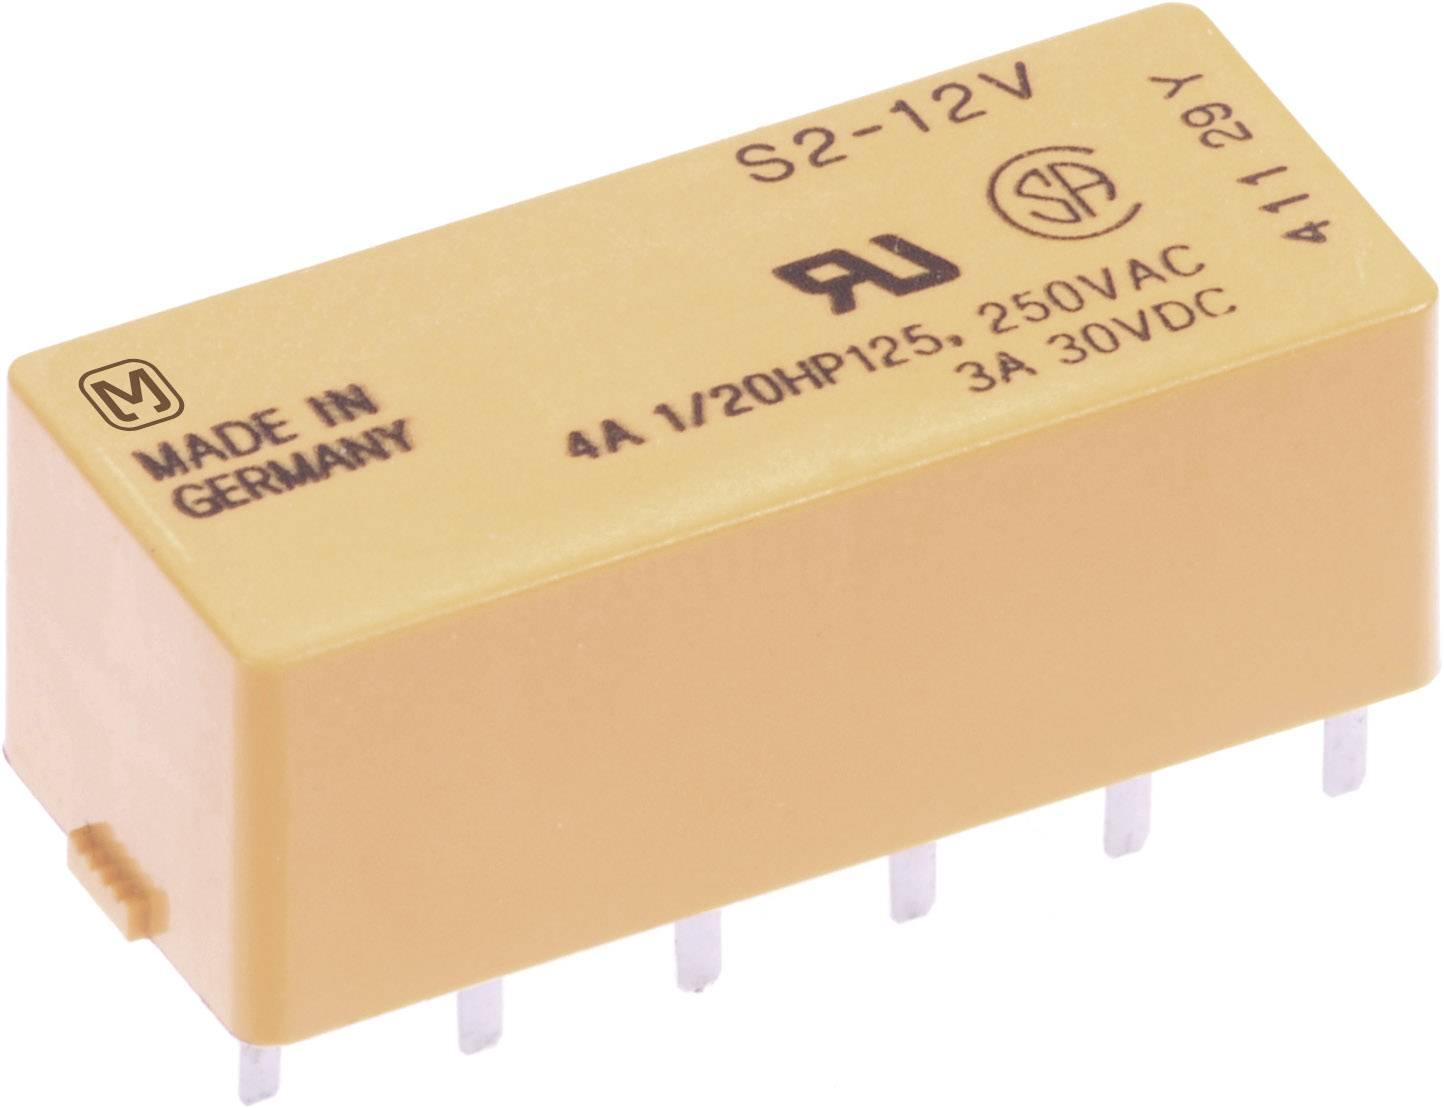 Výkonové relé S 4 A, Print Panasonic S45, S45, 192 mW, 4 A, (DC) 3 A/(AC) 4 A , 30 V/DC/250 V/AC 90 W/1000 VA